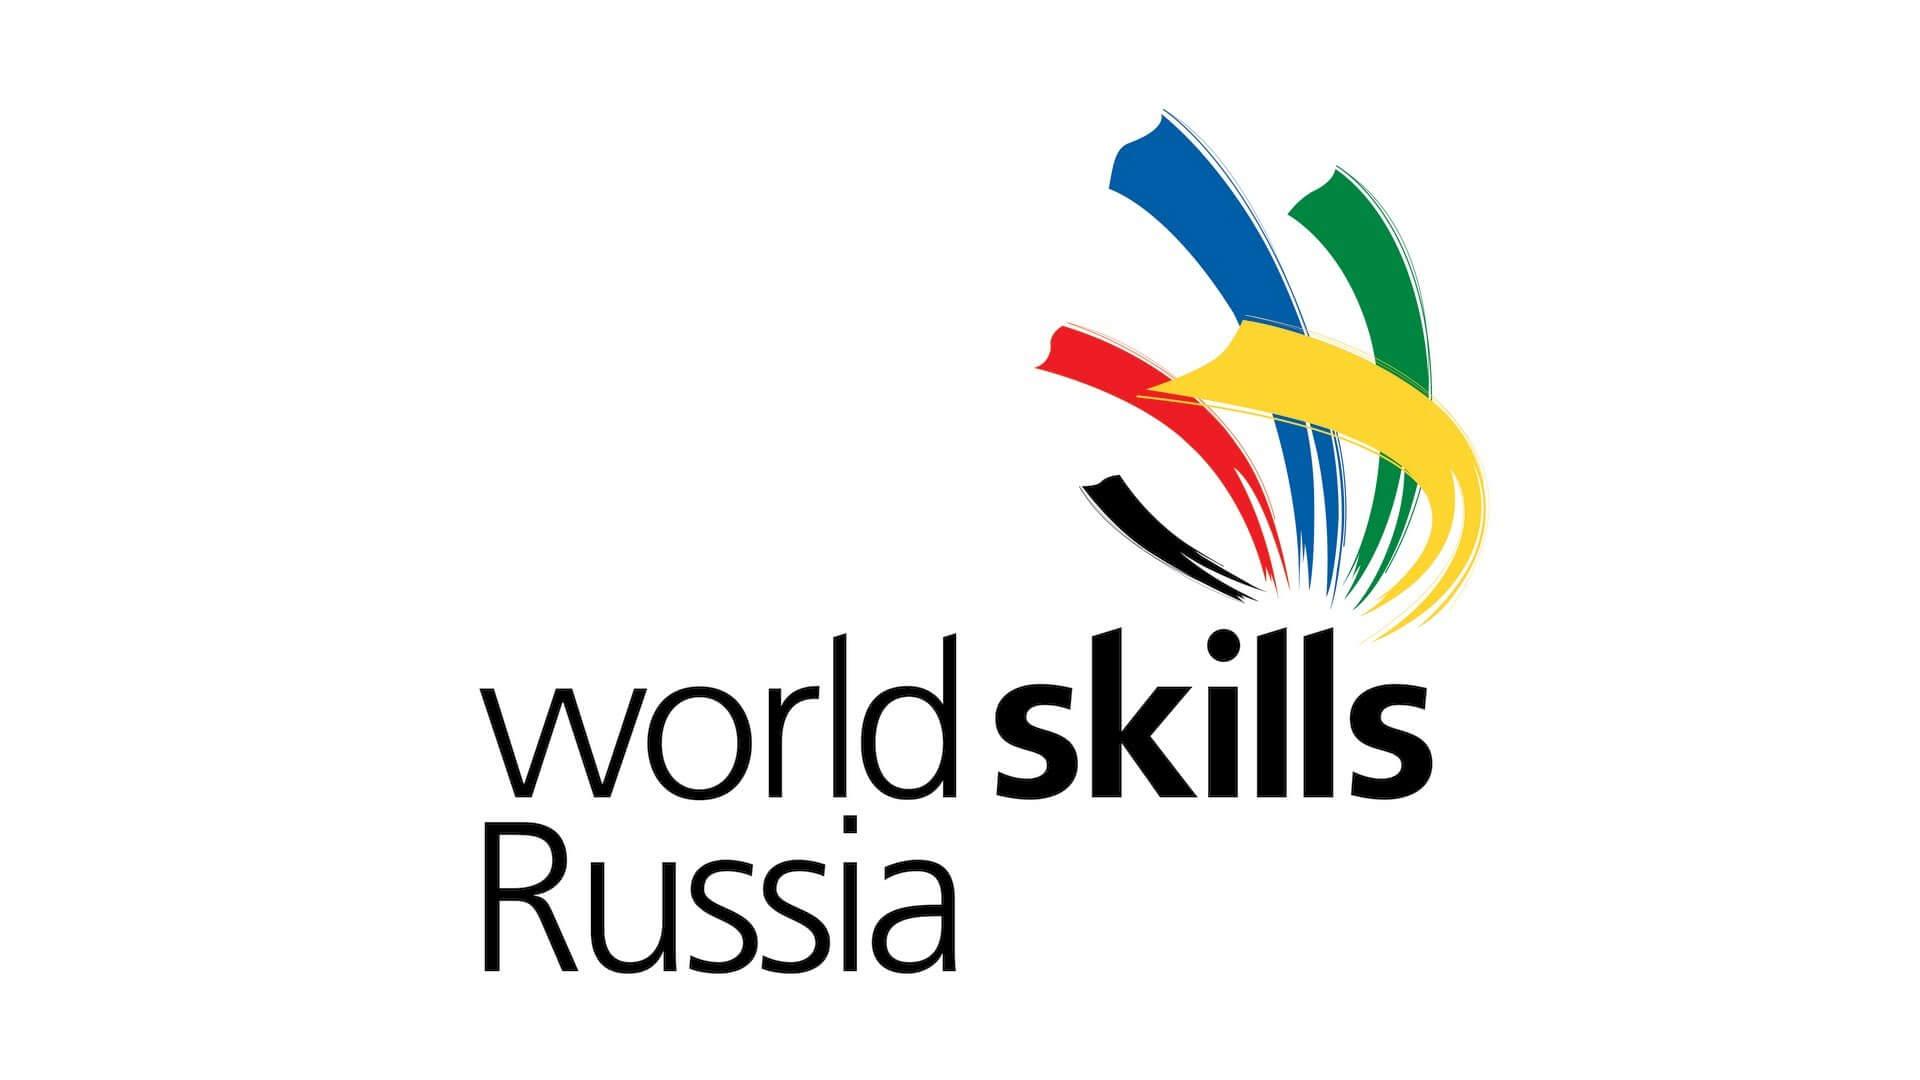 WorldSkills - worldskills